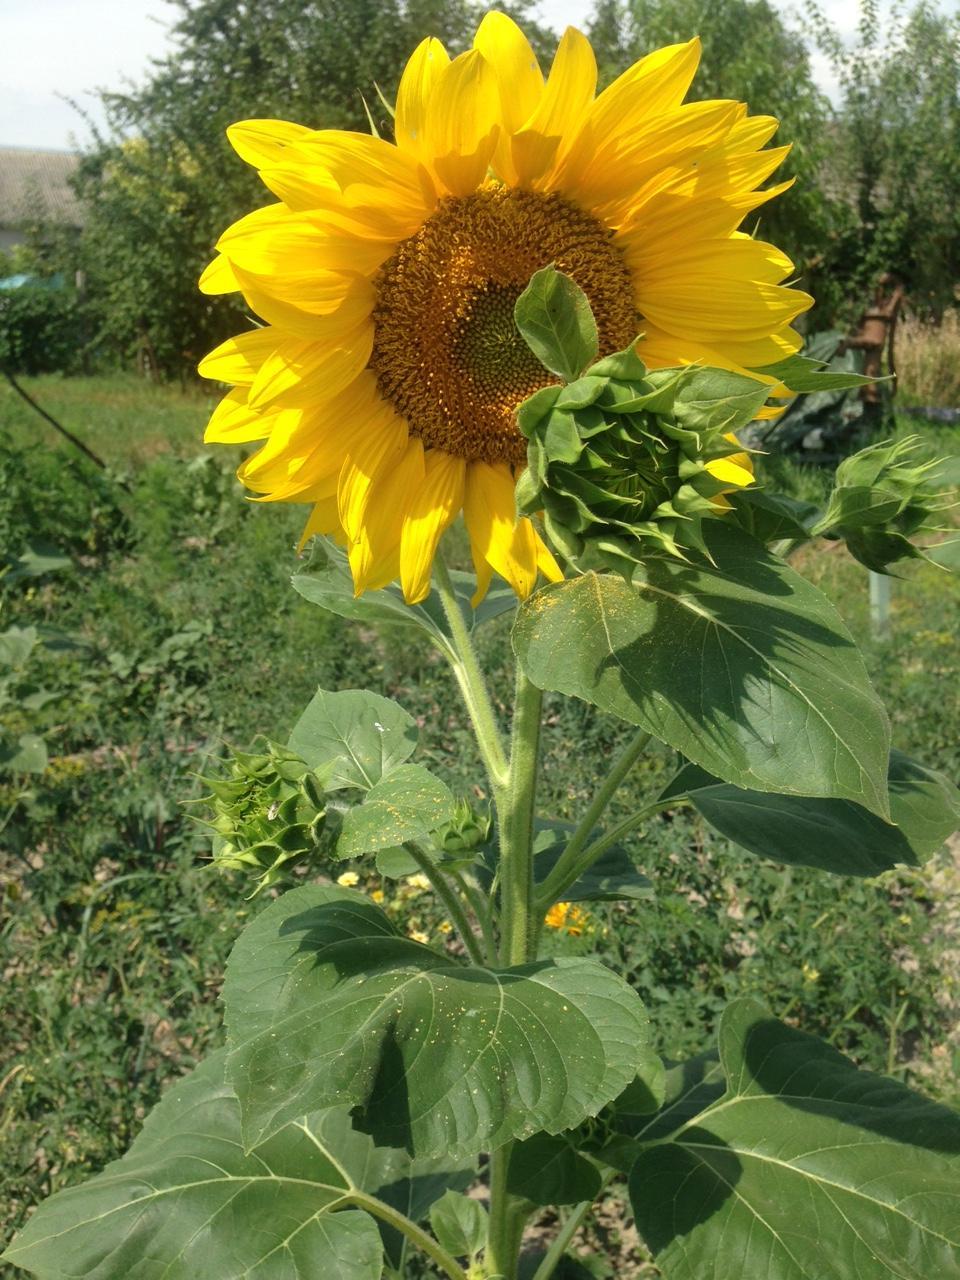 @lubicabystrica krásne máš slnečnice.... - Obrázok č. 2